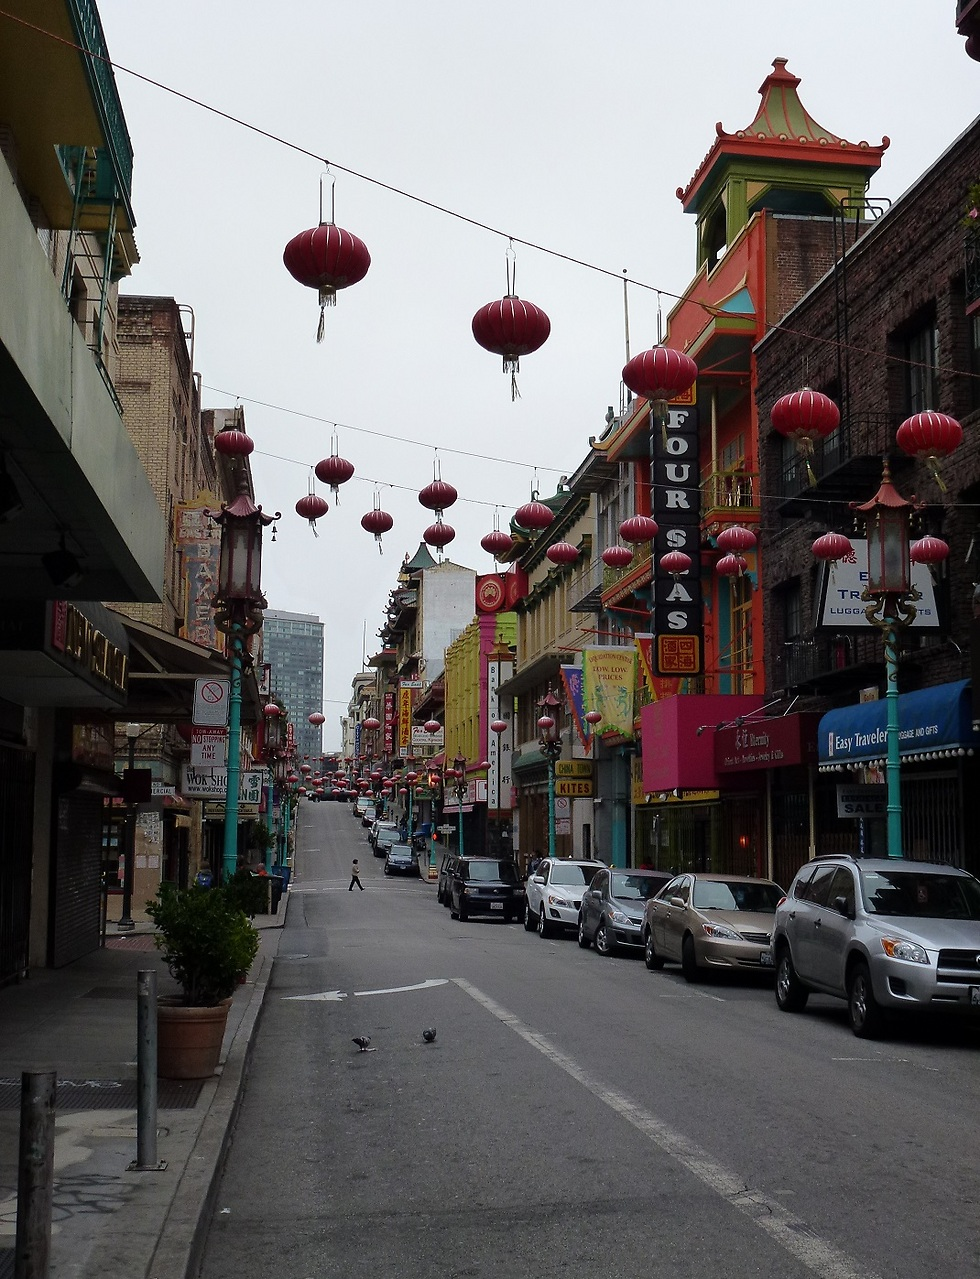 הרובע הסיני (צילום: סיגלית בר, bartravel)